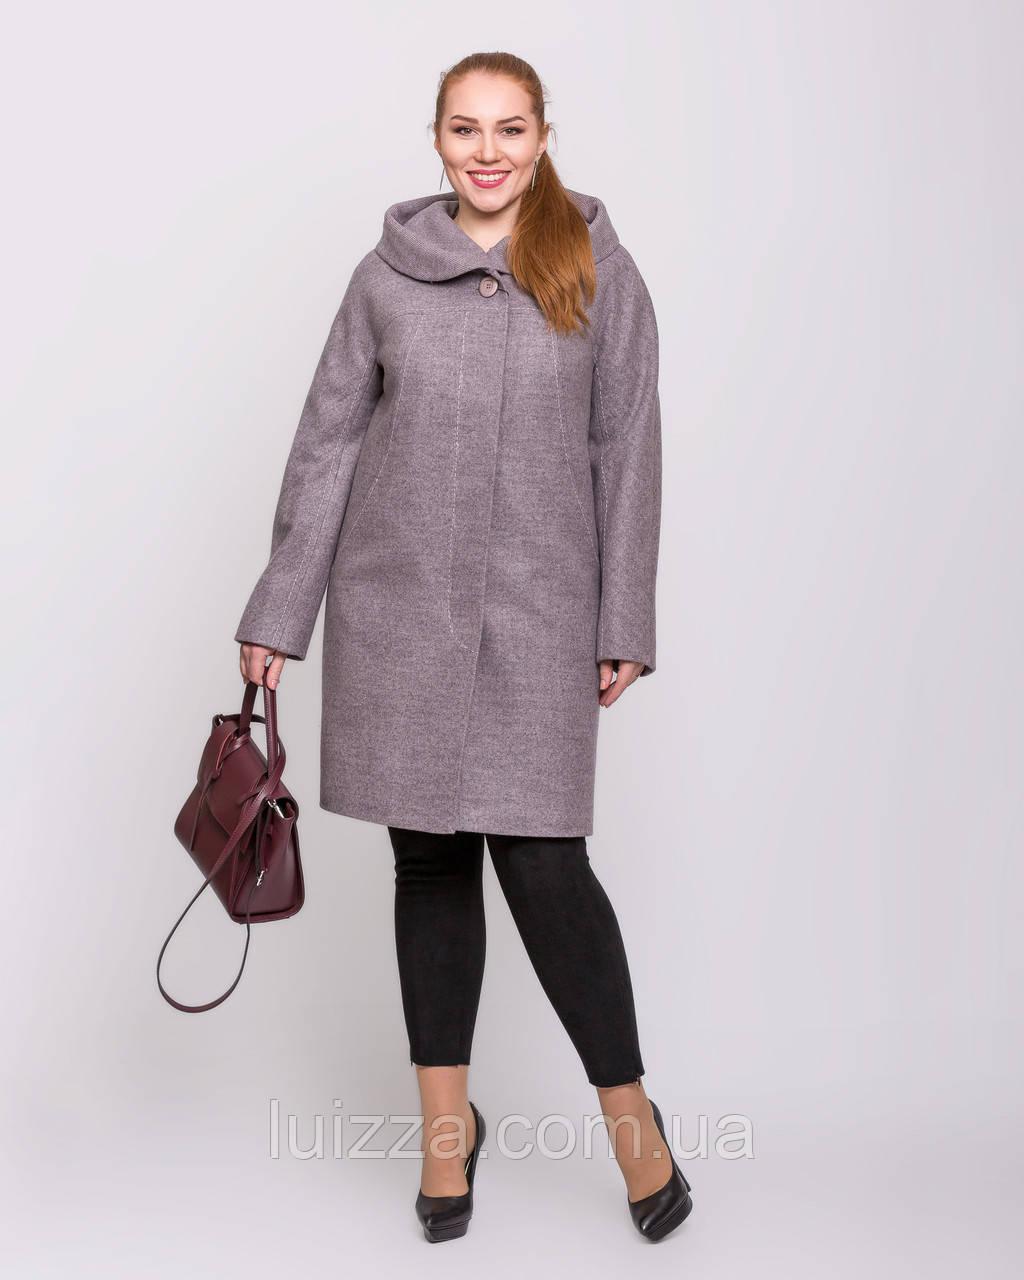 Пальто с капюшоном женское 50-58рр